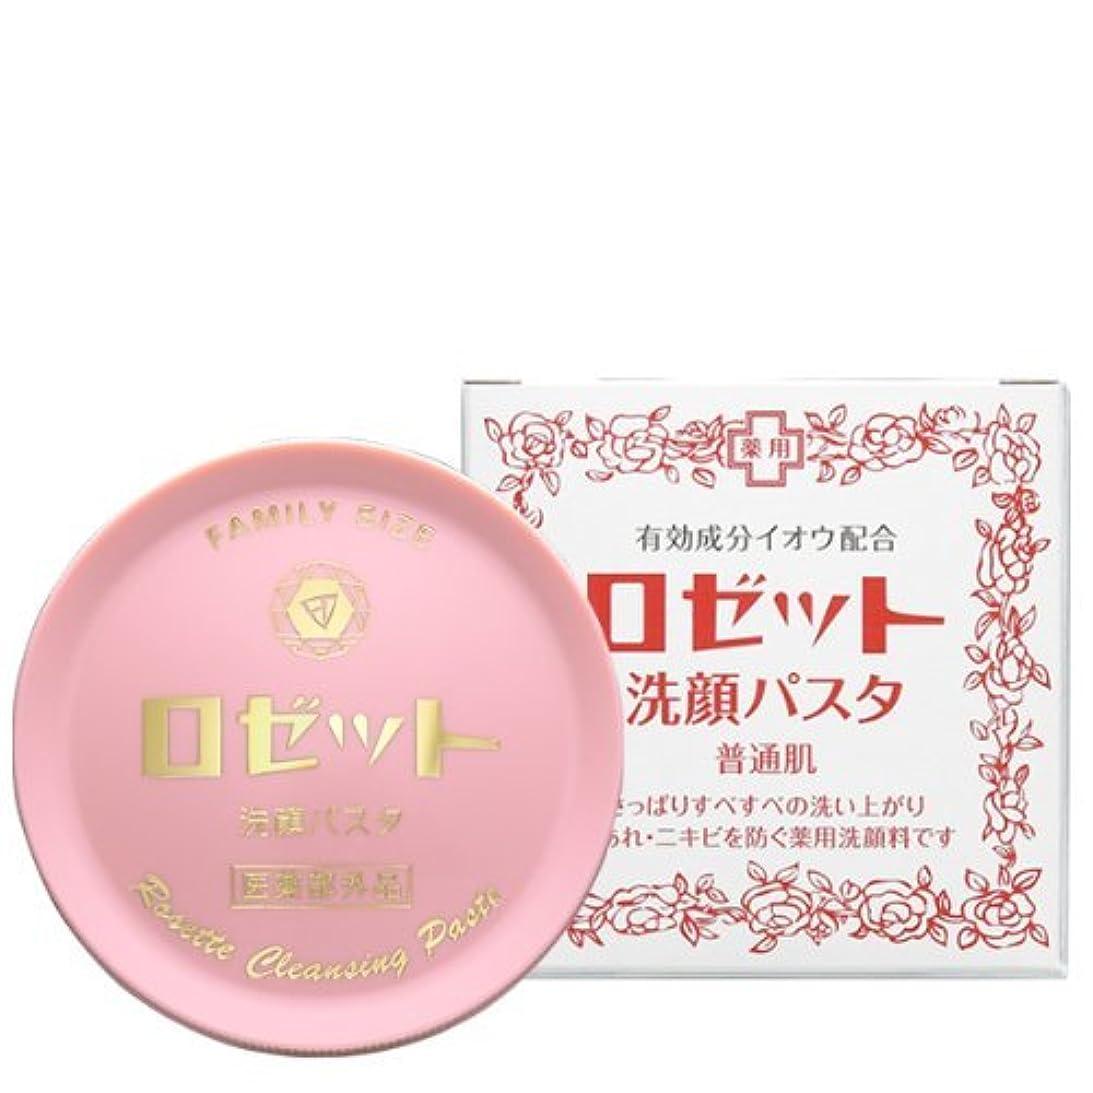 より平らなラベこどもの日ロゼット 洗顔パスタ 普通肌 90g (医薬部外品)